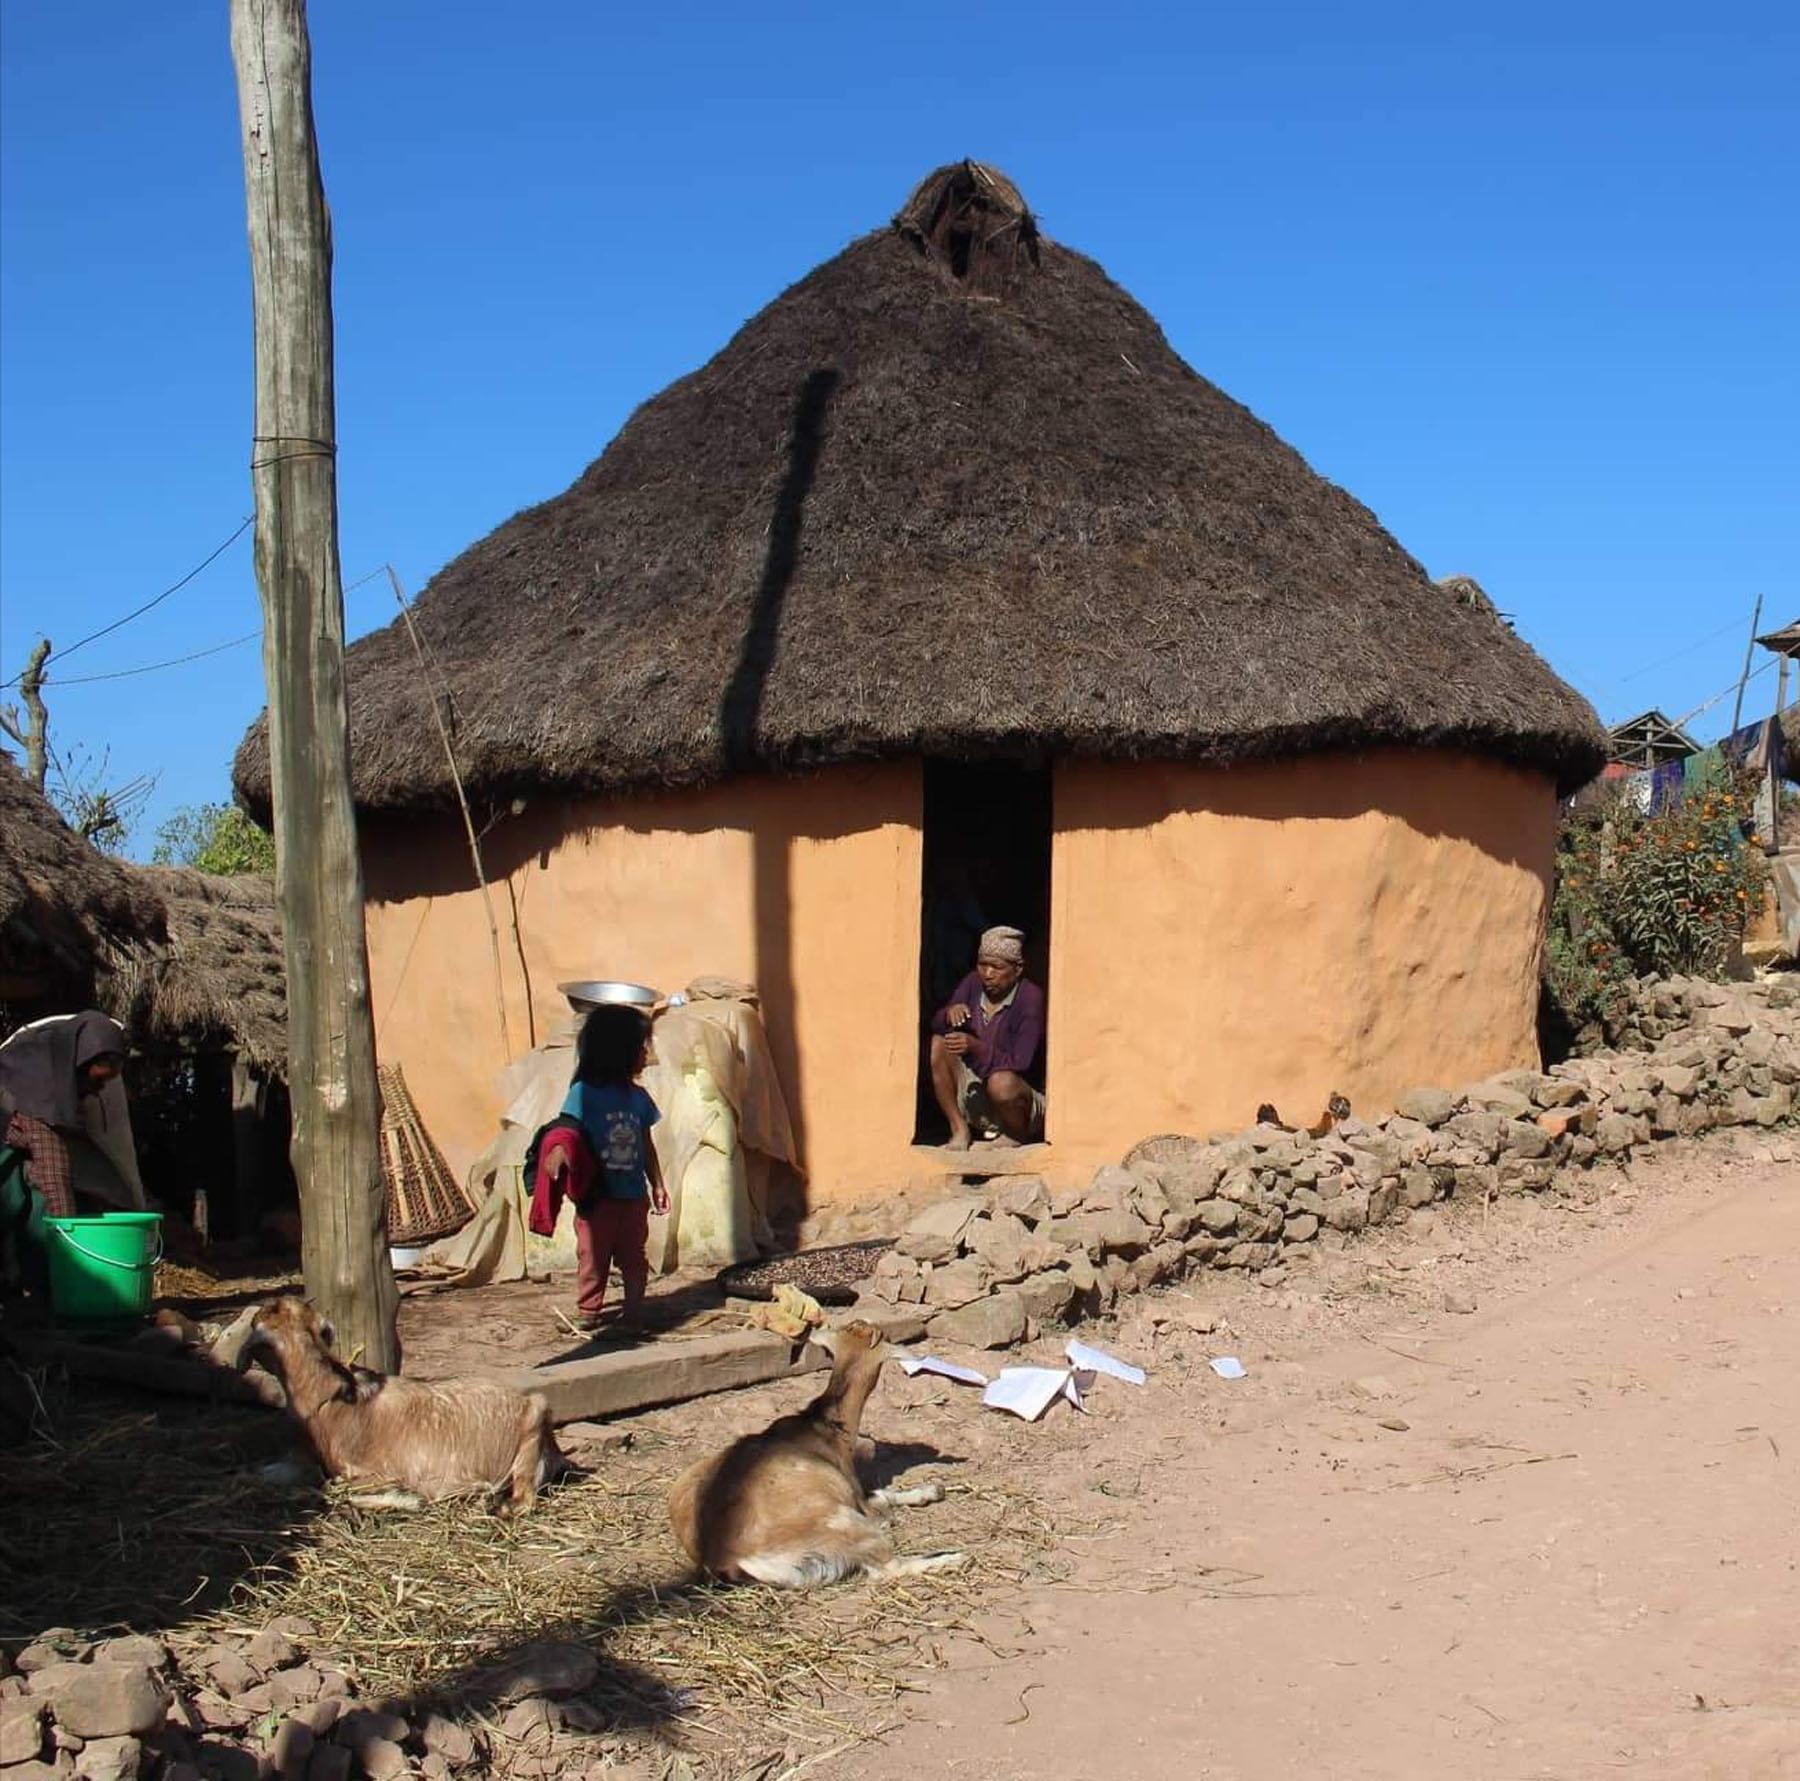 भ्रमण वर्षः कुँडुले घर हेर्न पाल्पा जाऔँ